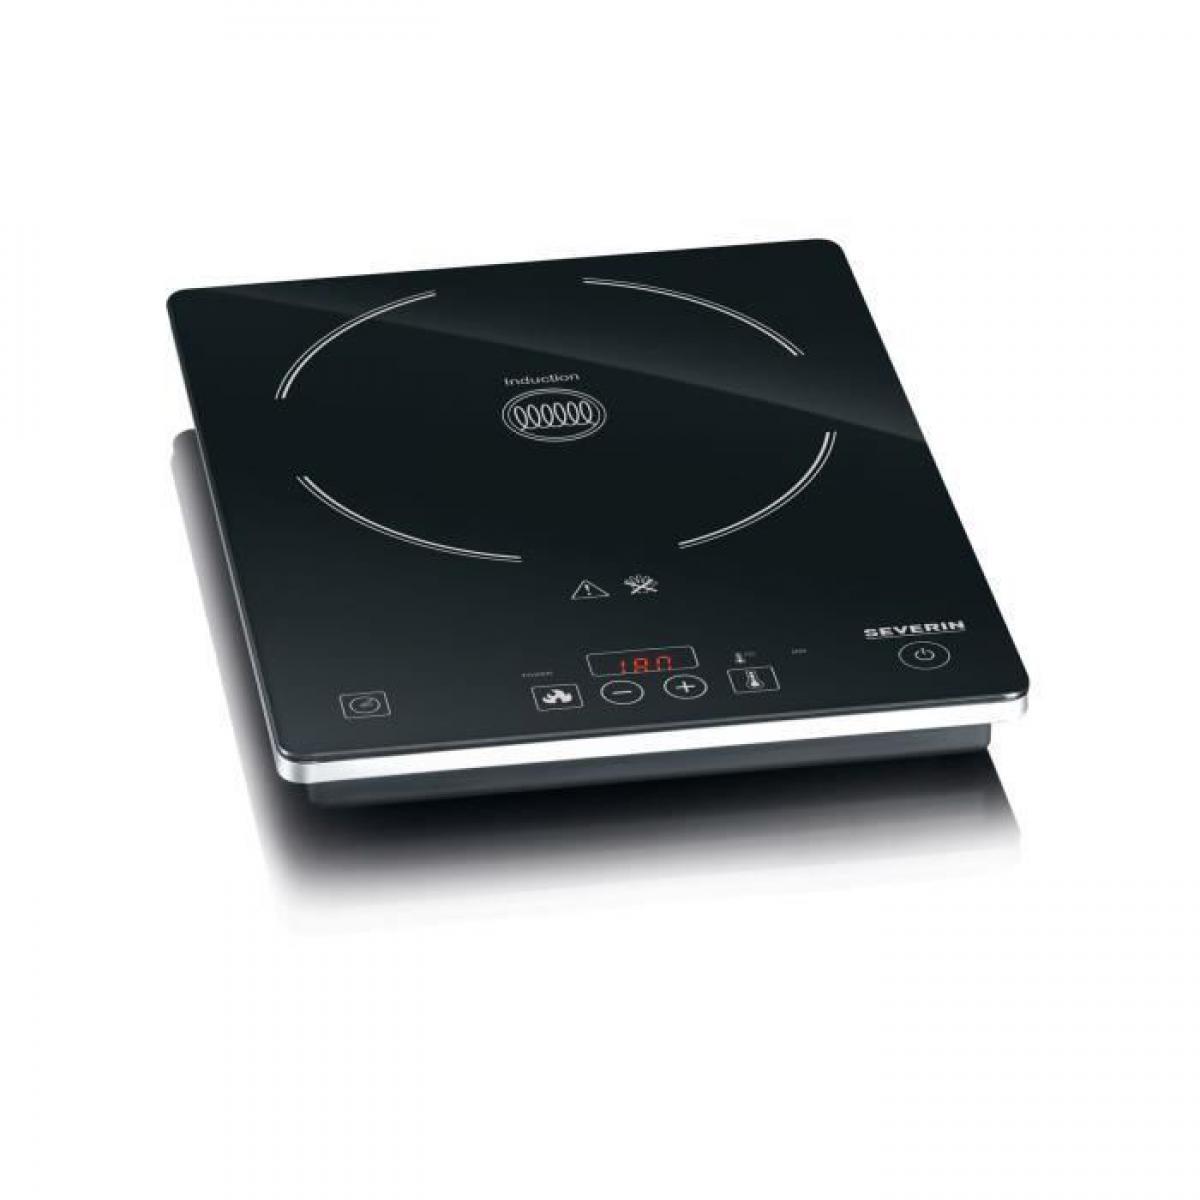 Severin SEVERIN KP1071 Plaque de cuisson posable a induction - Noir